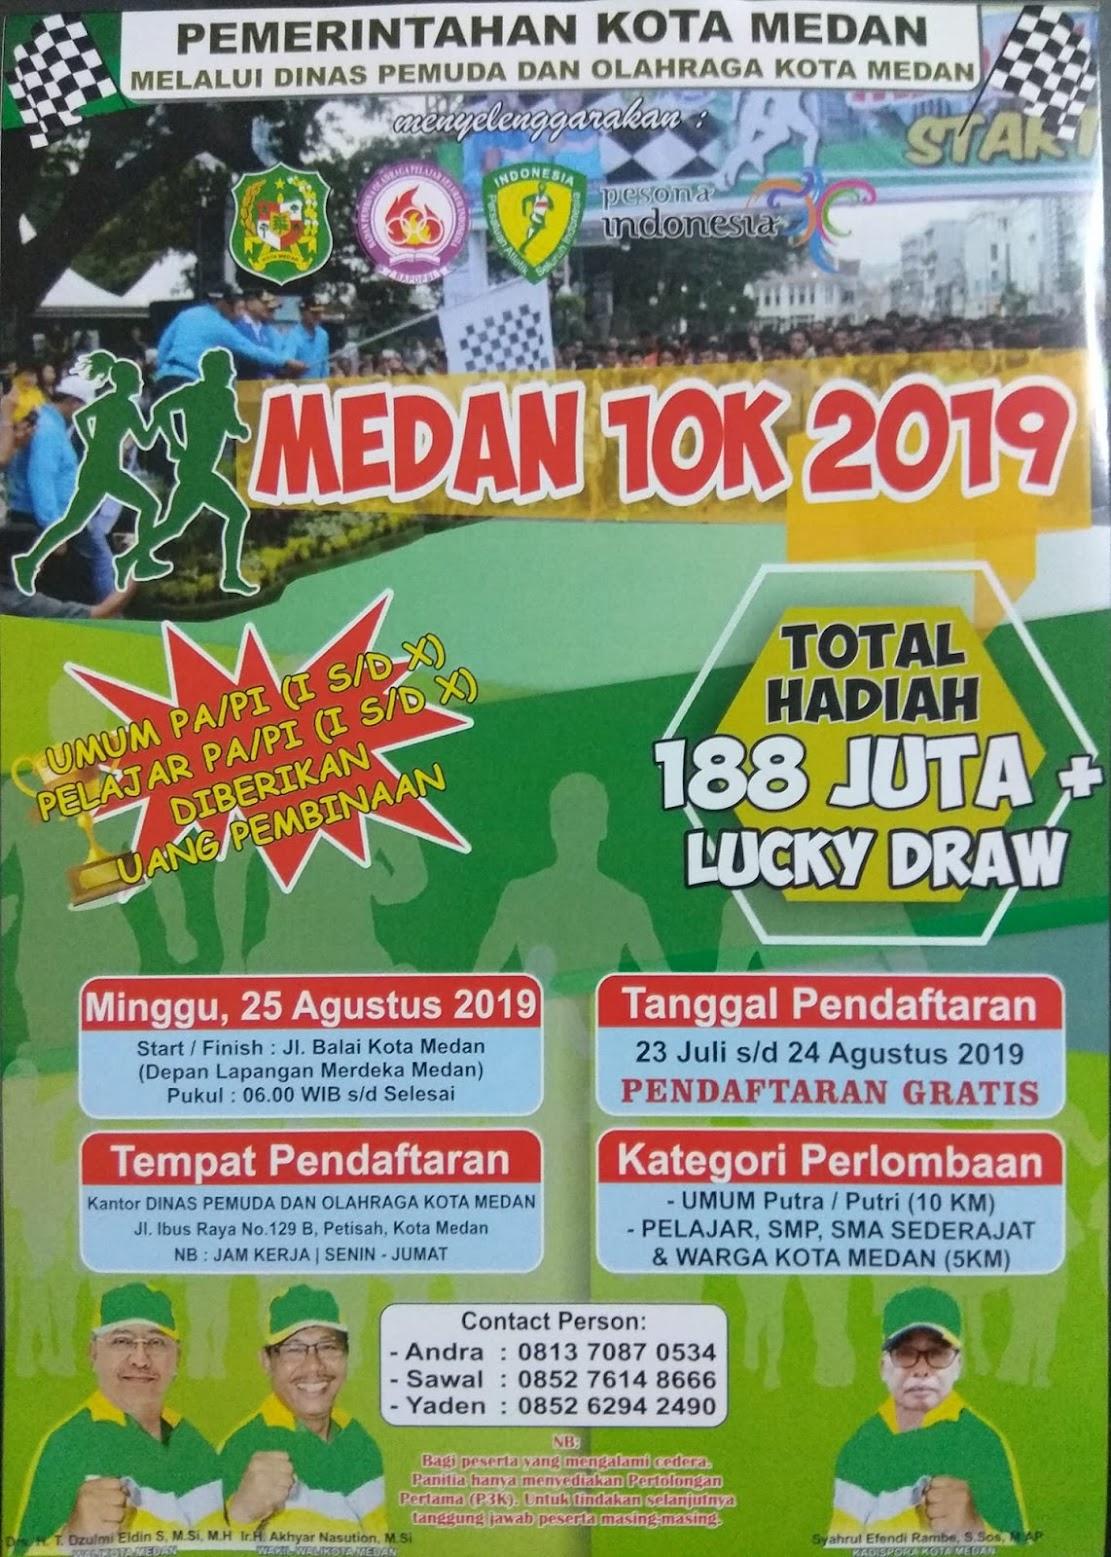 Medan 10K • 2019